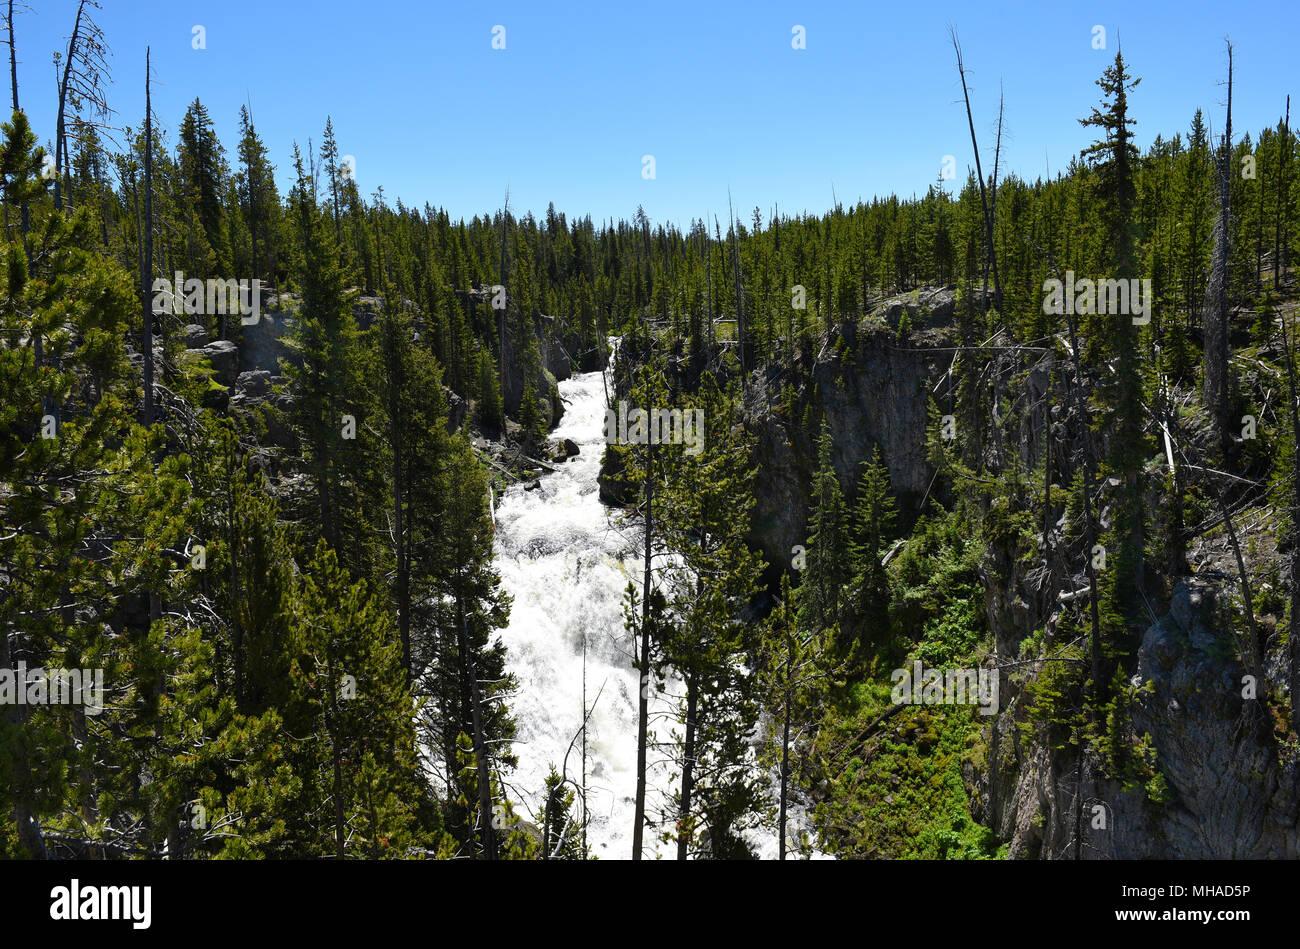 Kepler Cascades est une cascade sur la rivière Firehole dans le sud-ouest Le Parc National de Yellowstone. Les cascades tomber à environ 150 pieds au-dessus de multiples Banque D'Images